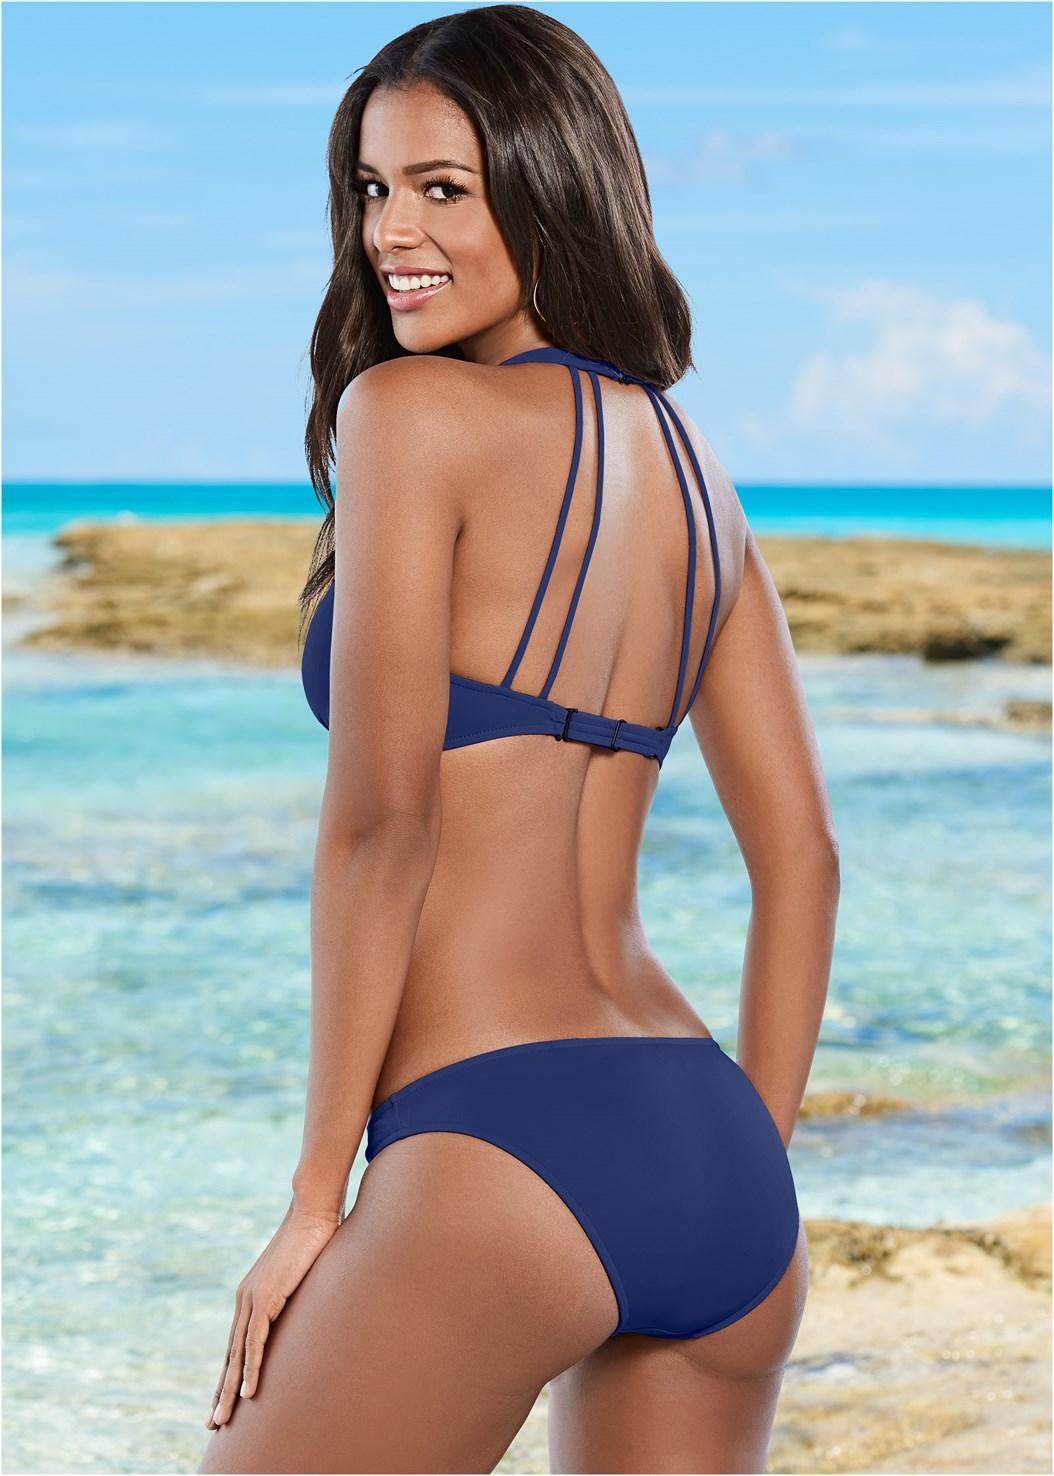 Beach Bella Halter Top,Scoop Front Classic Bikini Bottom ,Low Rise Classic Bikini Bottom